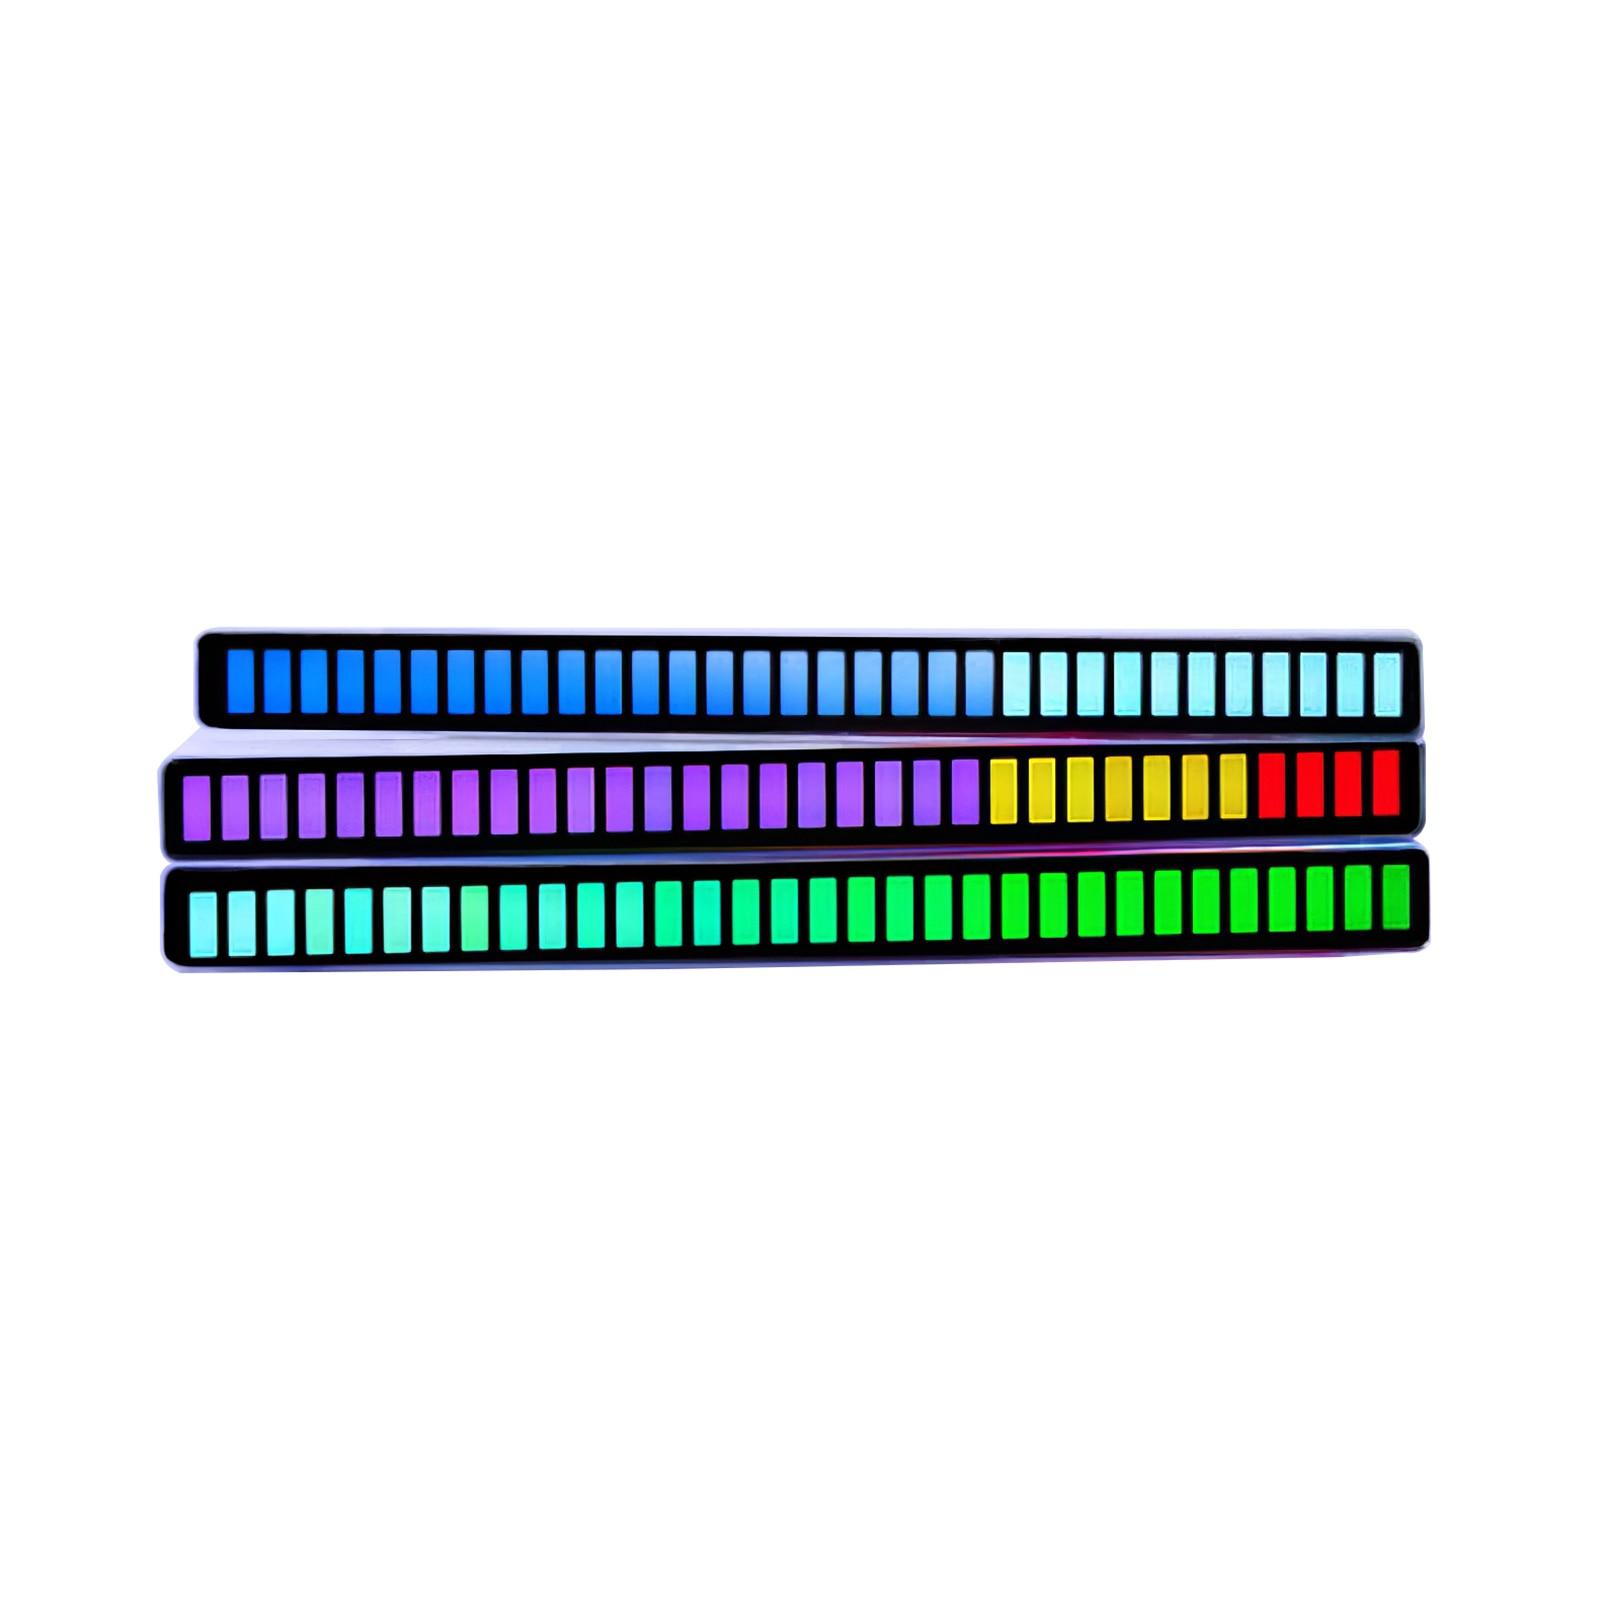 Espectro de Música Medidor para o Jogador do Carro Luz de Nível Música Estéreo Áudio Indicador Amplificador Lâmpadas Atmosfera Led Agc Luz